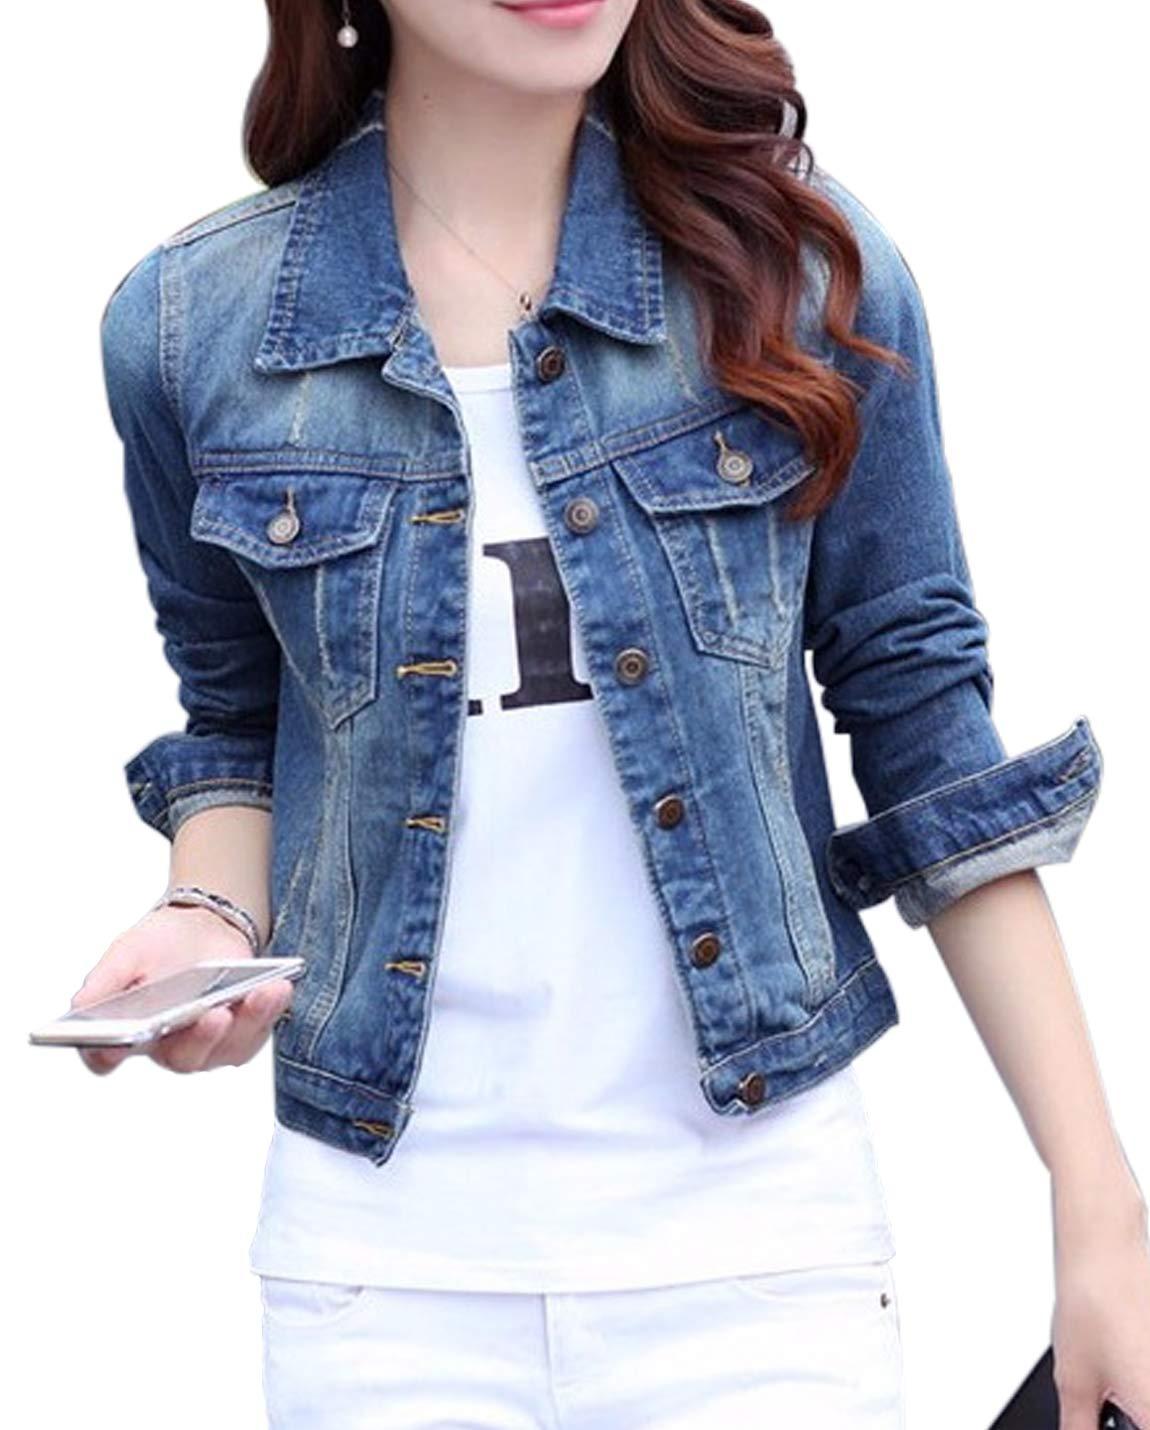 Jenkoon Womens Classic Slim Long Sleeve Button Up Washed Trucker Denim Jacket Jean Jacket Outerwear (Blue, L)